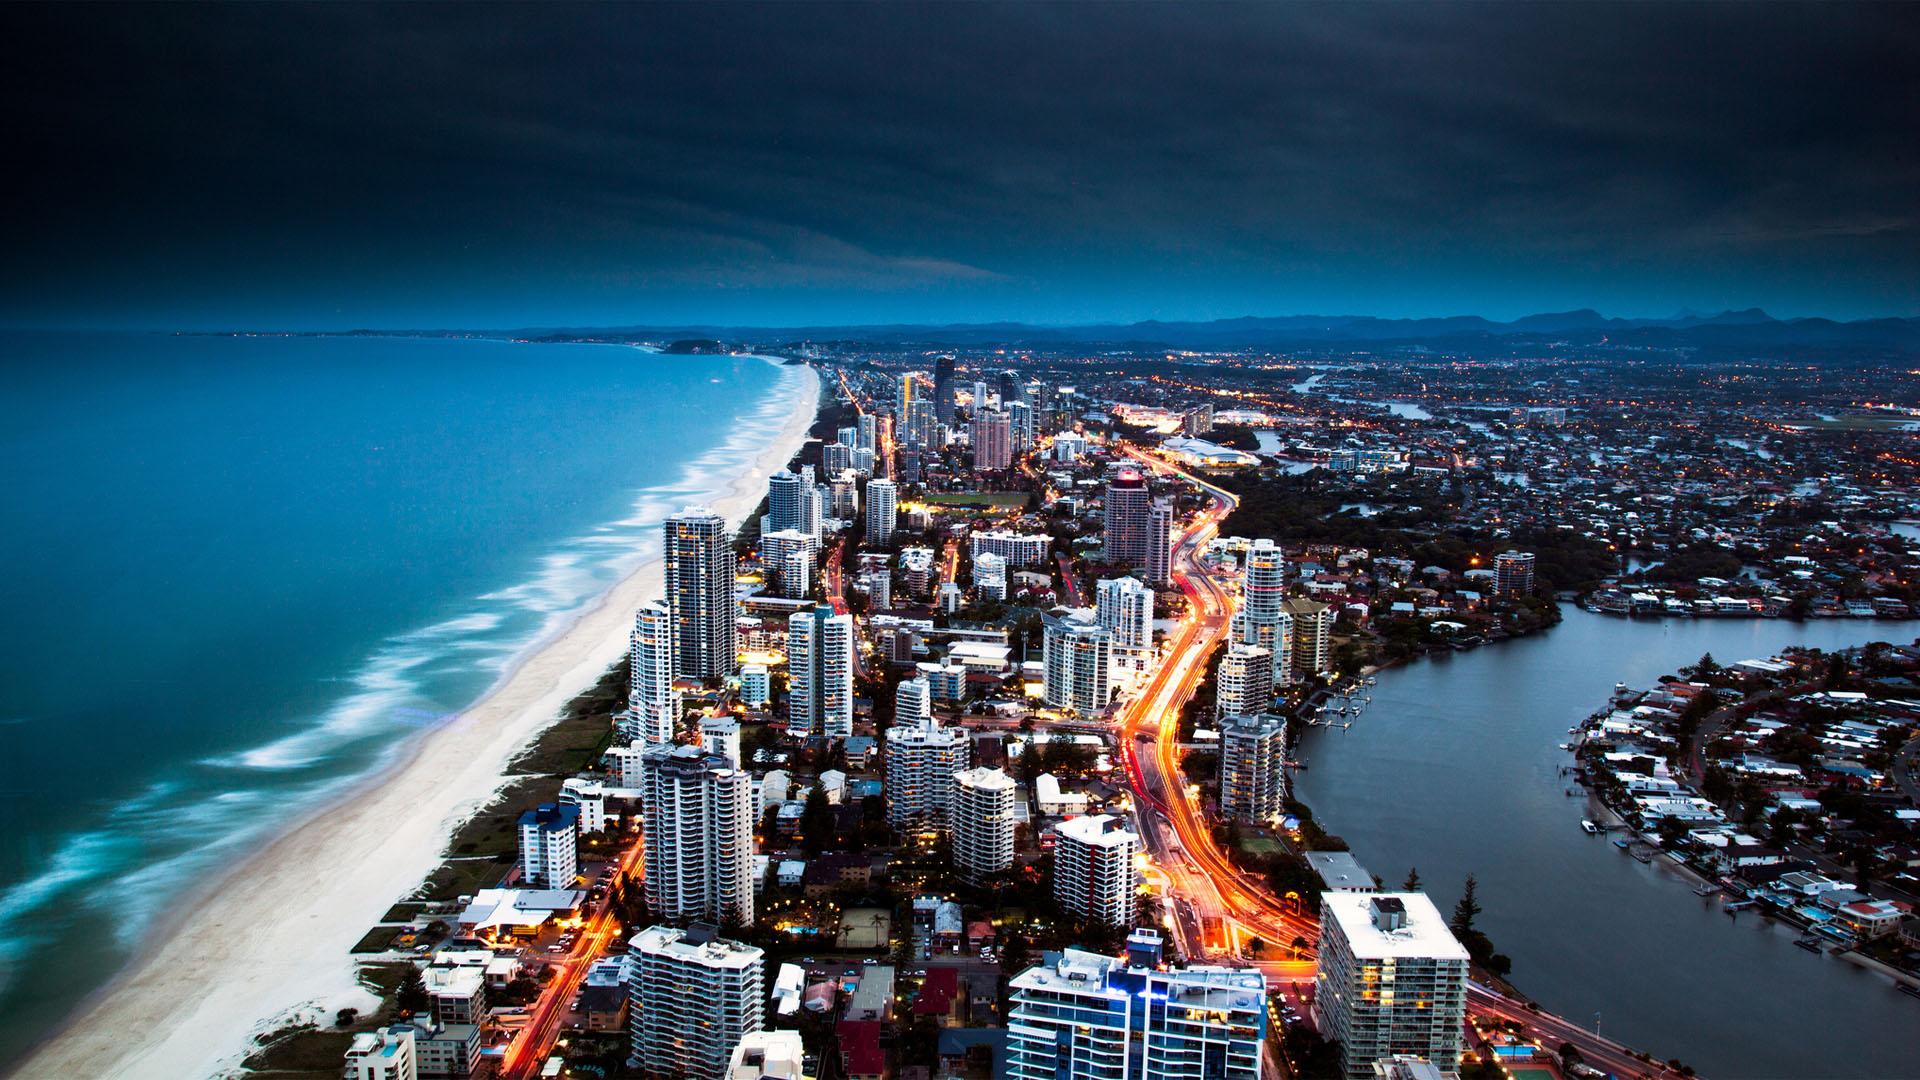 Khu đất 125 Lê Lợi phường Bến Nghé Quận 1 với diện tích 5.443m2, dự án khách sạn 5 sao và trung tâm thương mại